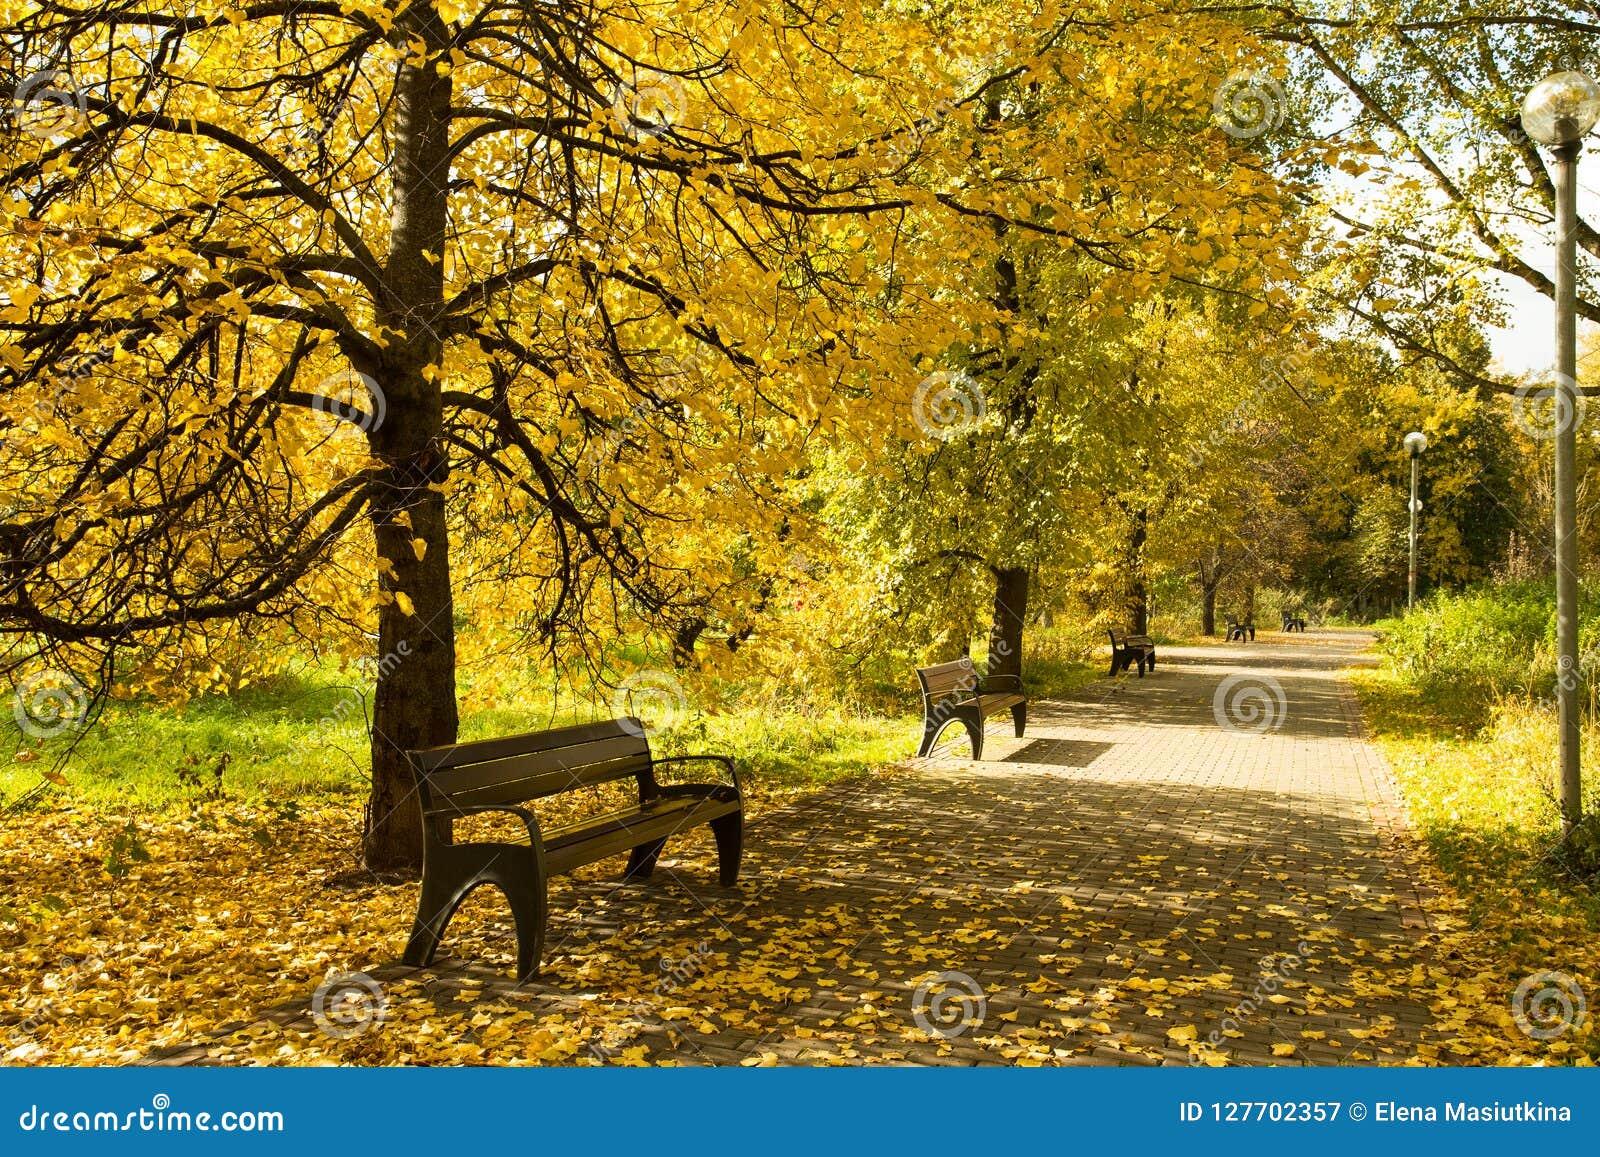 Autumn Landscape With Wooden Benches sous des arbres avec Lea jaune